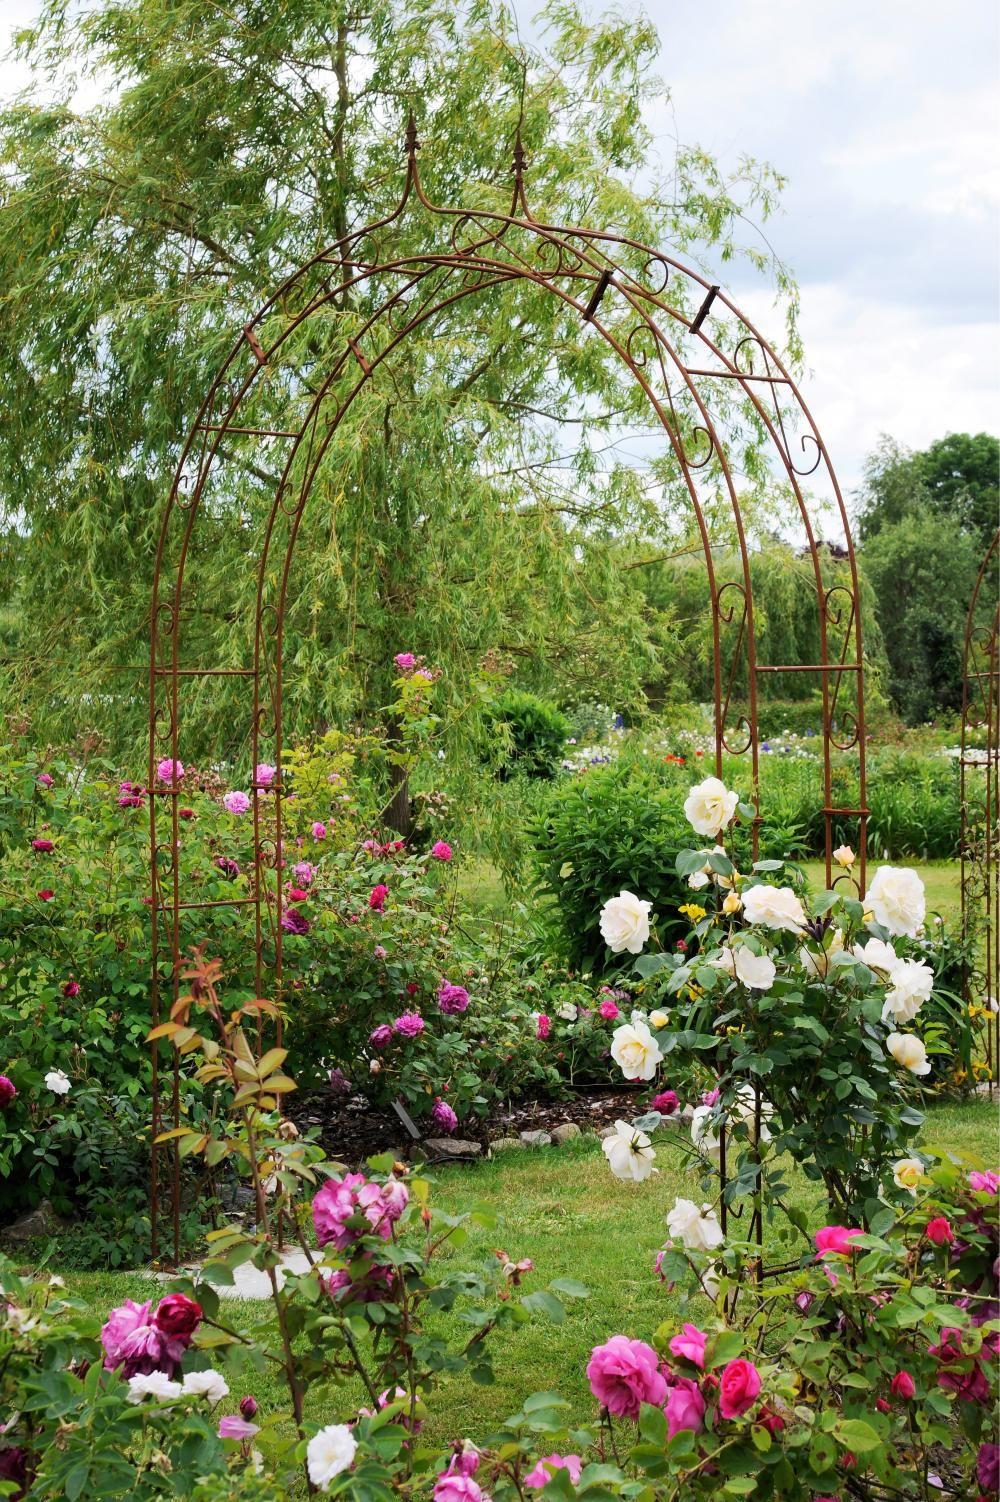 Gartengestaltung Mit Cortenstahl Gartengestaltung Cortenstahl Rosenbogen